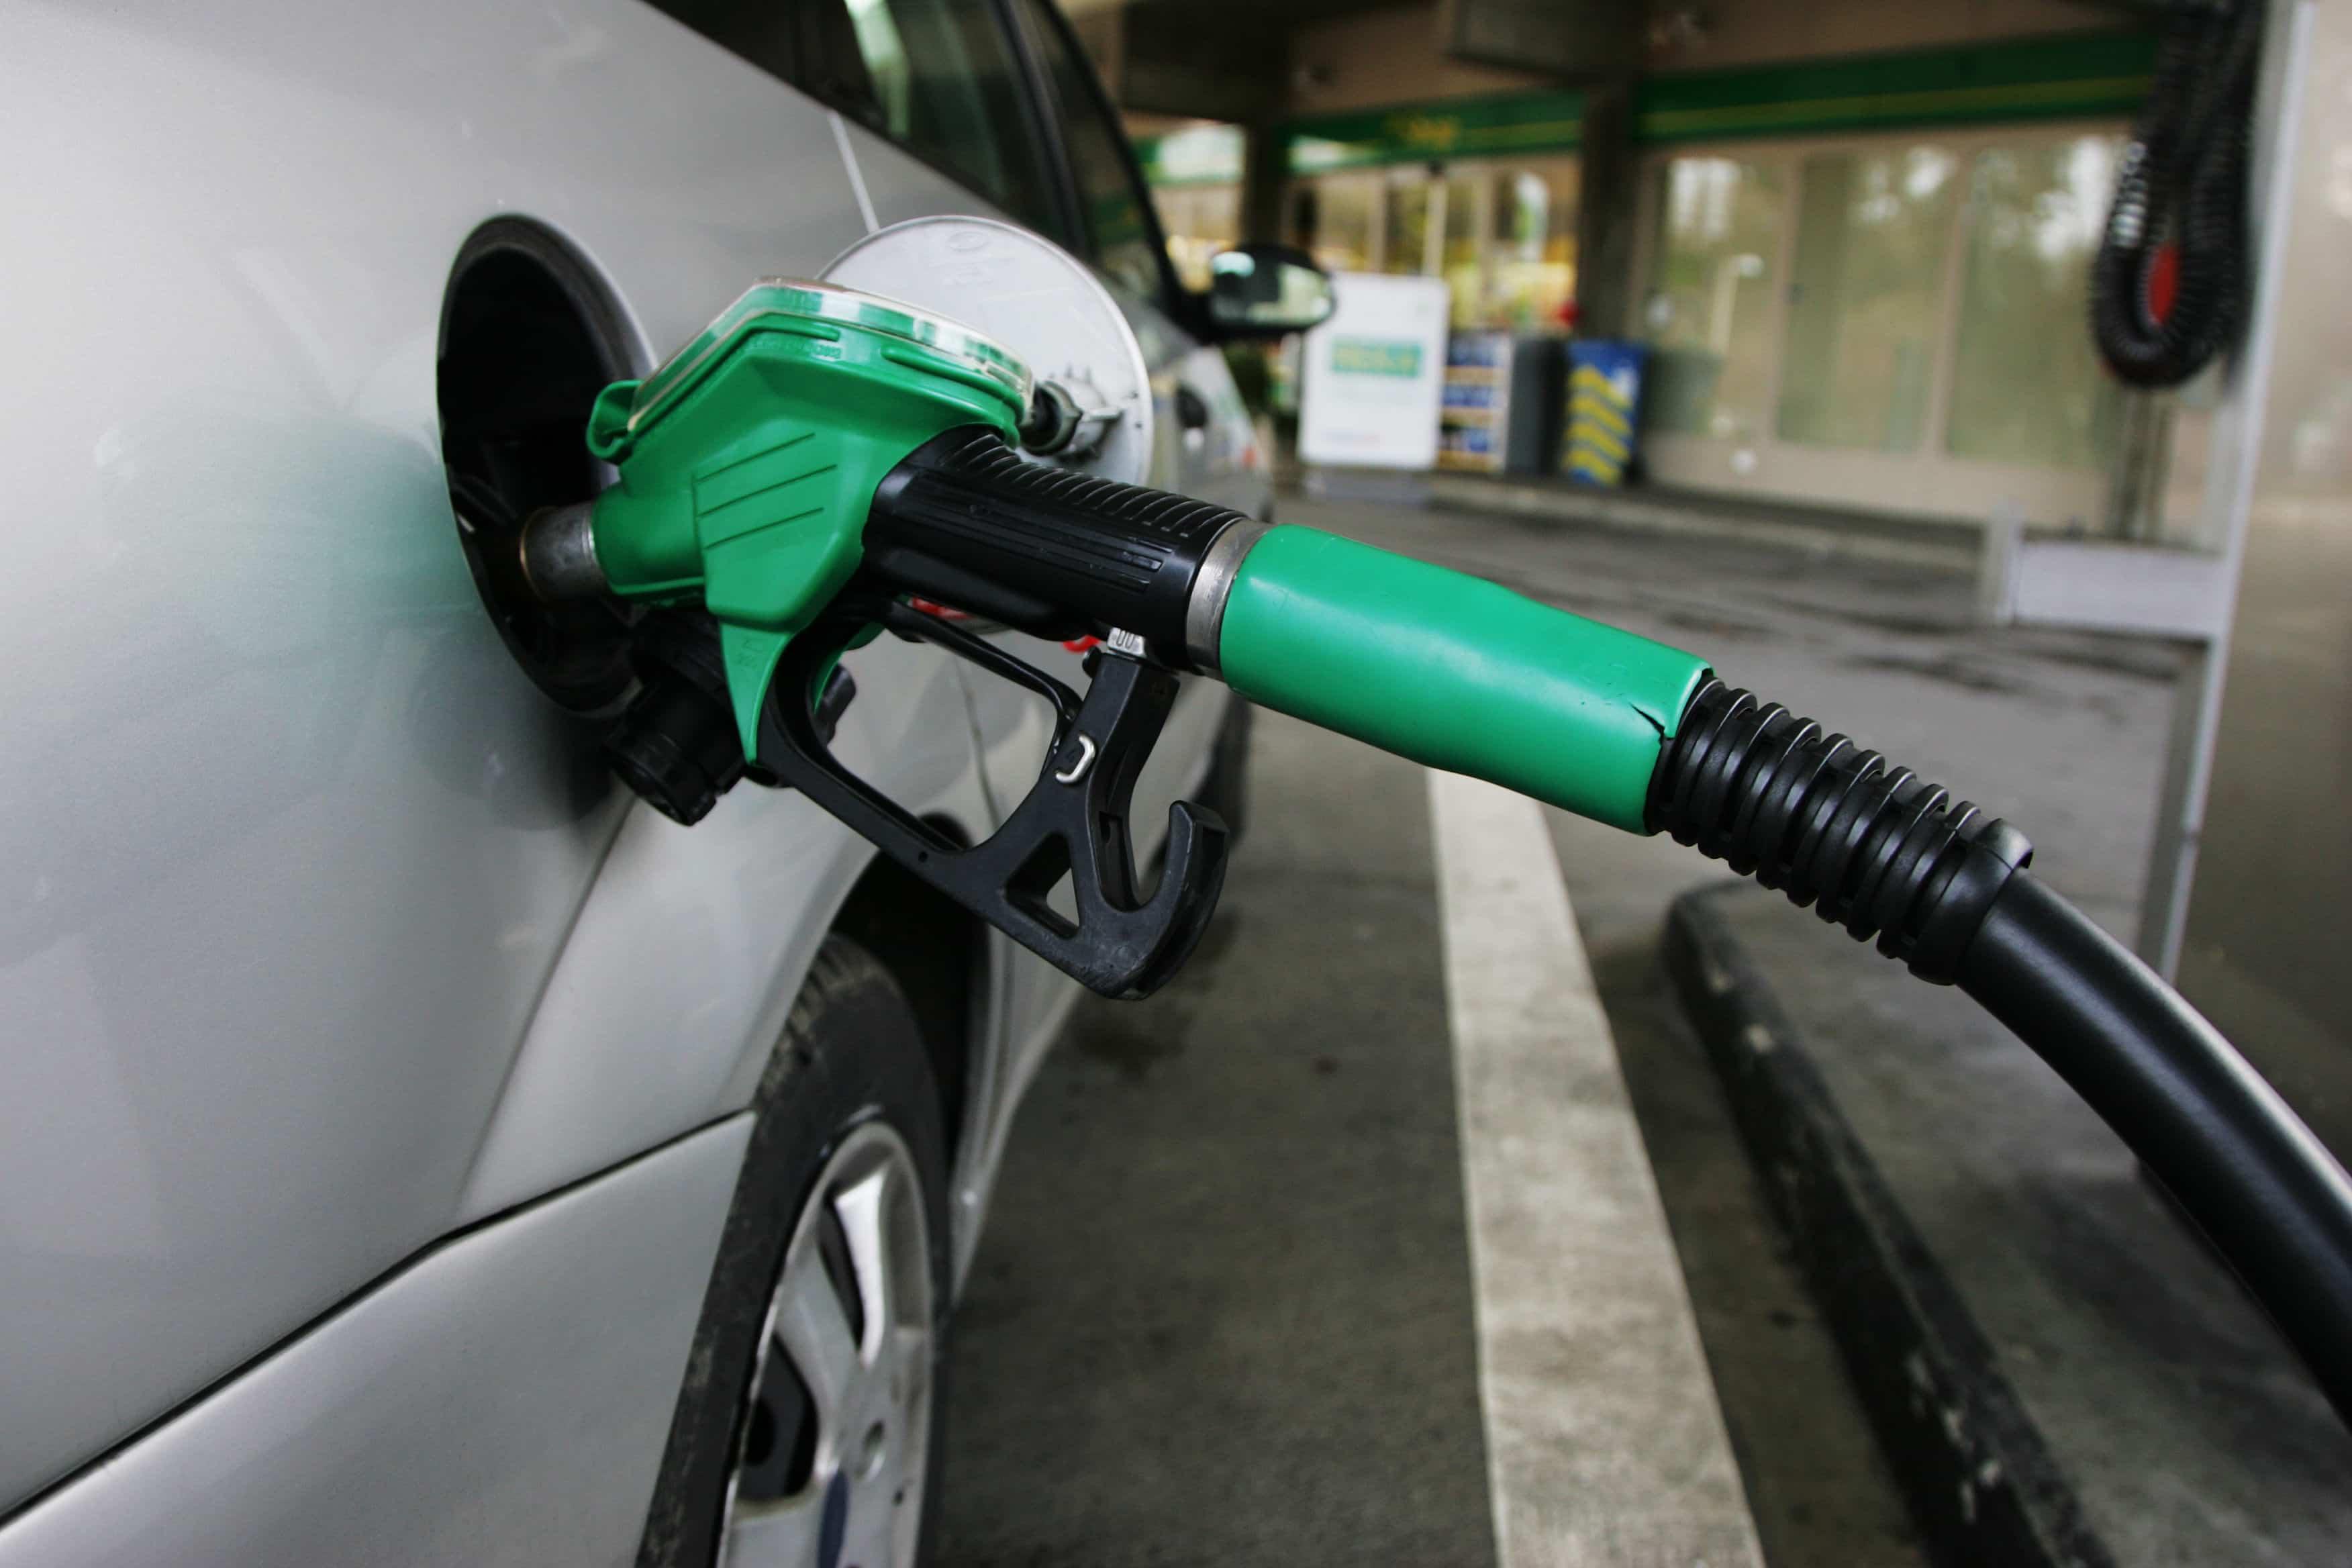 ahorrar-dinero-gasolina